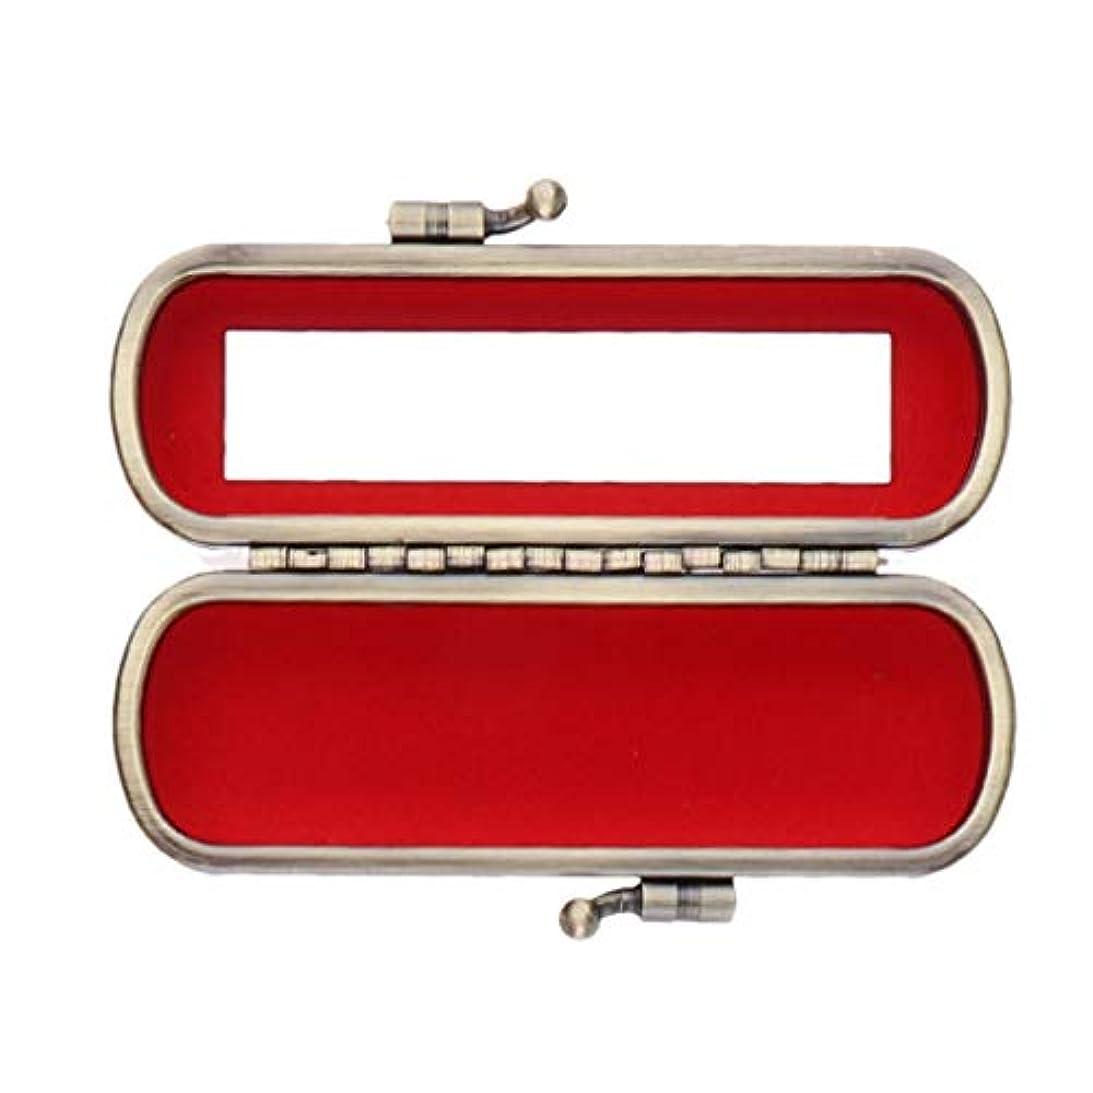 アルコーブドットあまりにも財布用ミラーオーガナイザーバッグ付きかわいいレザーリップスティックリップクリームケース - 赤